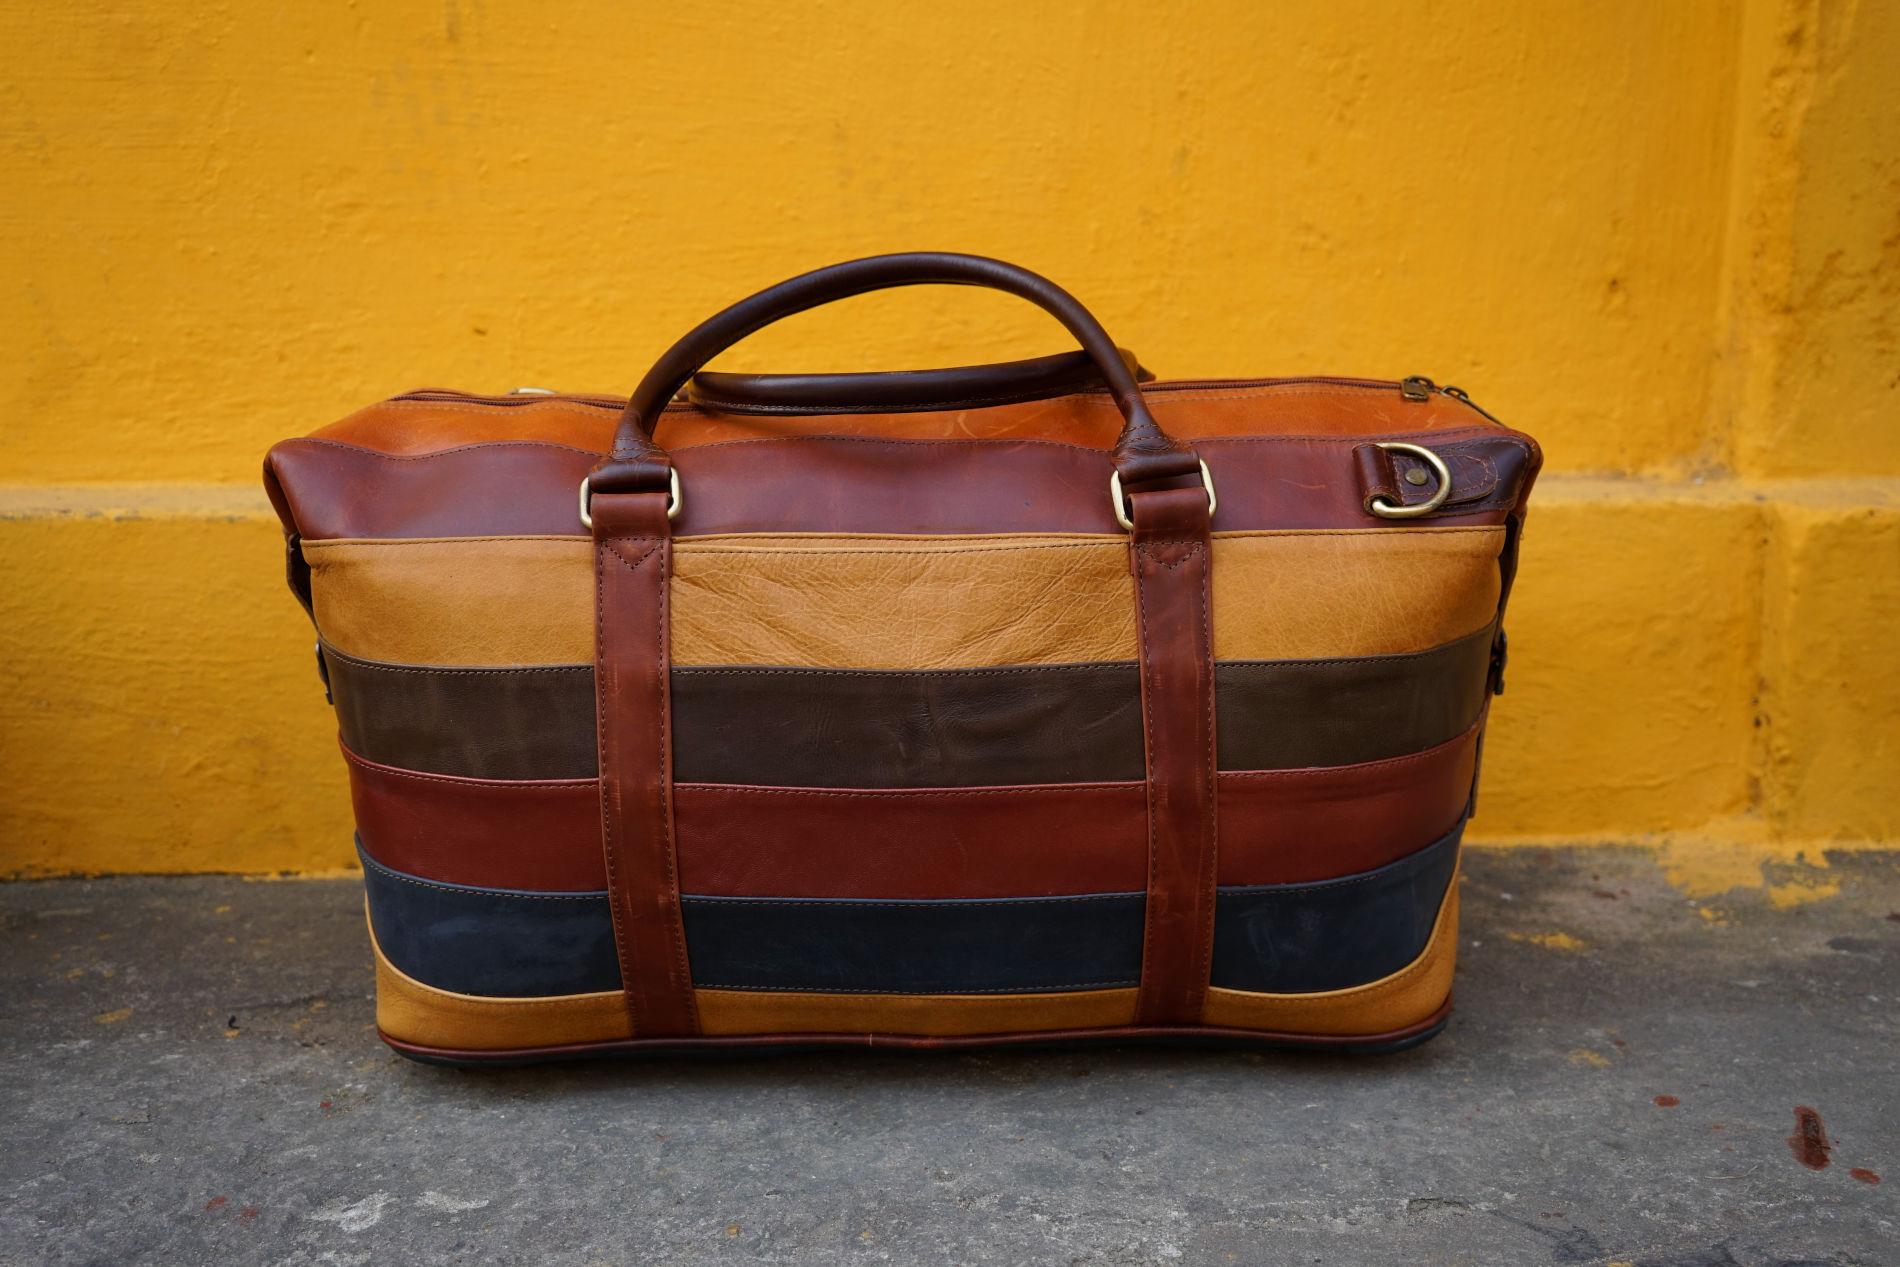 Da Bao - Leather Shop - Buffalo leather duffle bag with colorful stripes